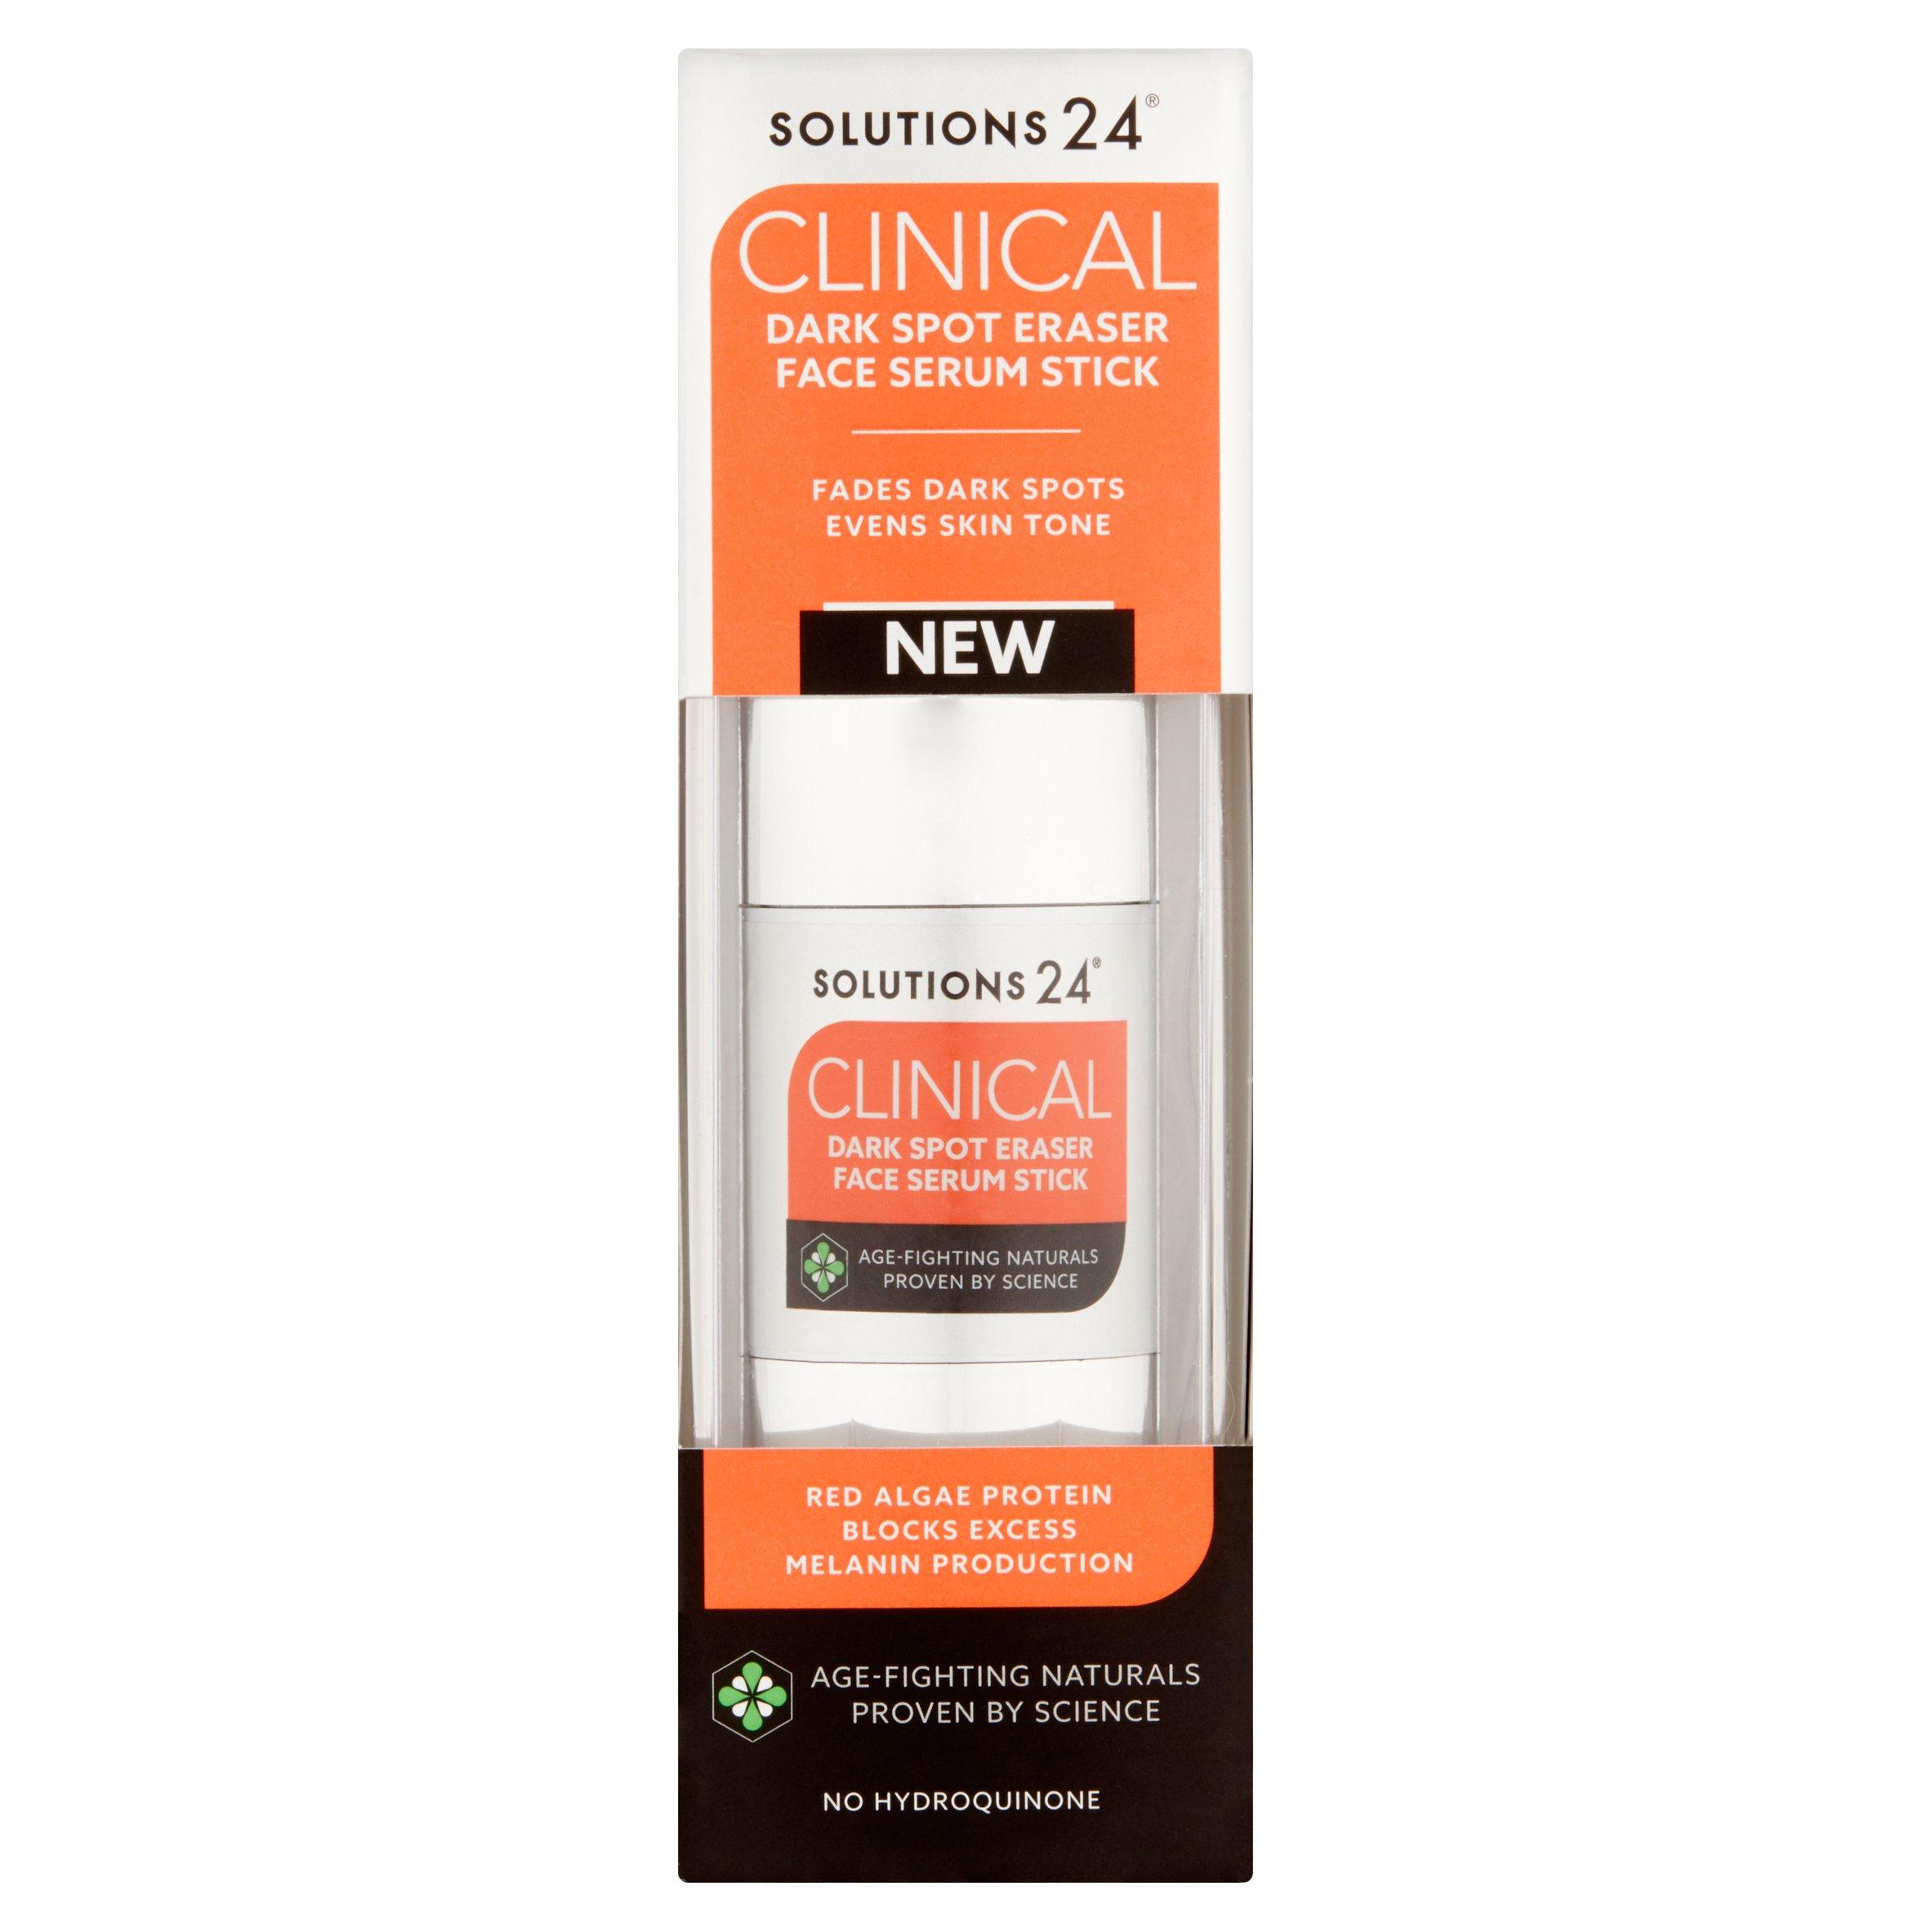 Solutions 24 Clinical Dark Spot Eraser Face Serum Stick, 1 oz - Walmart.com